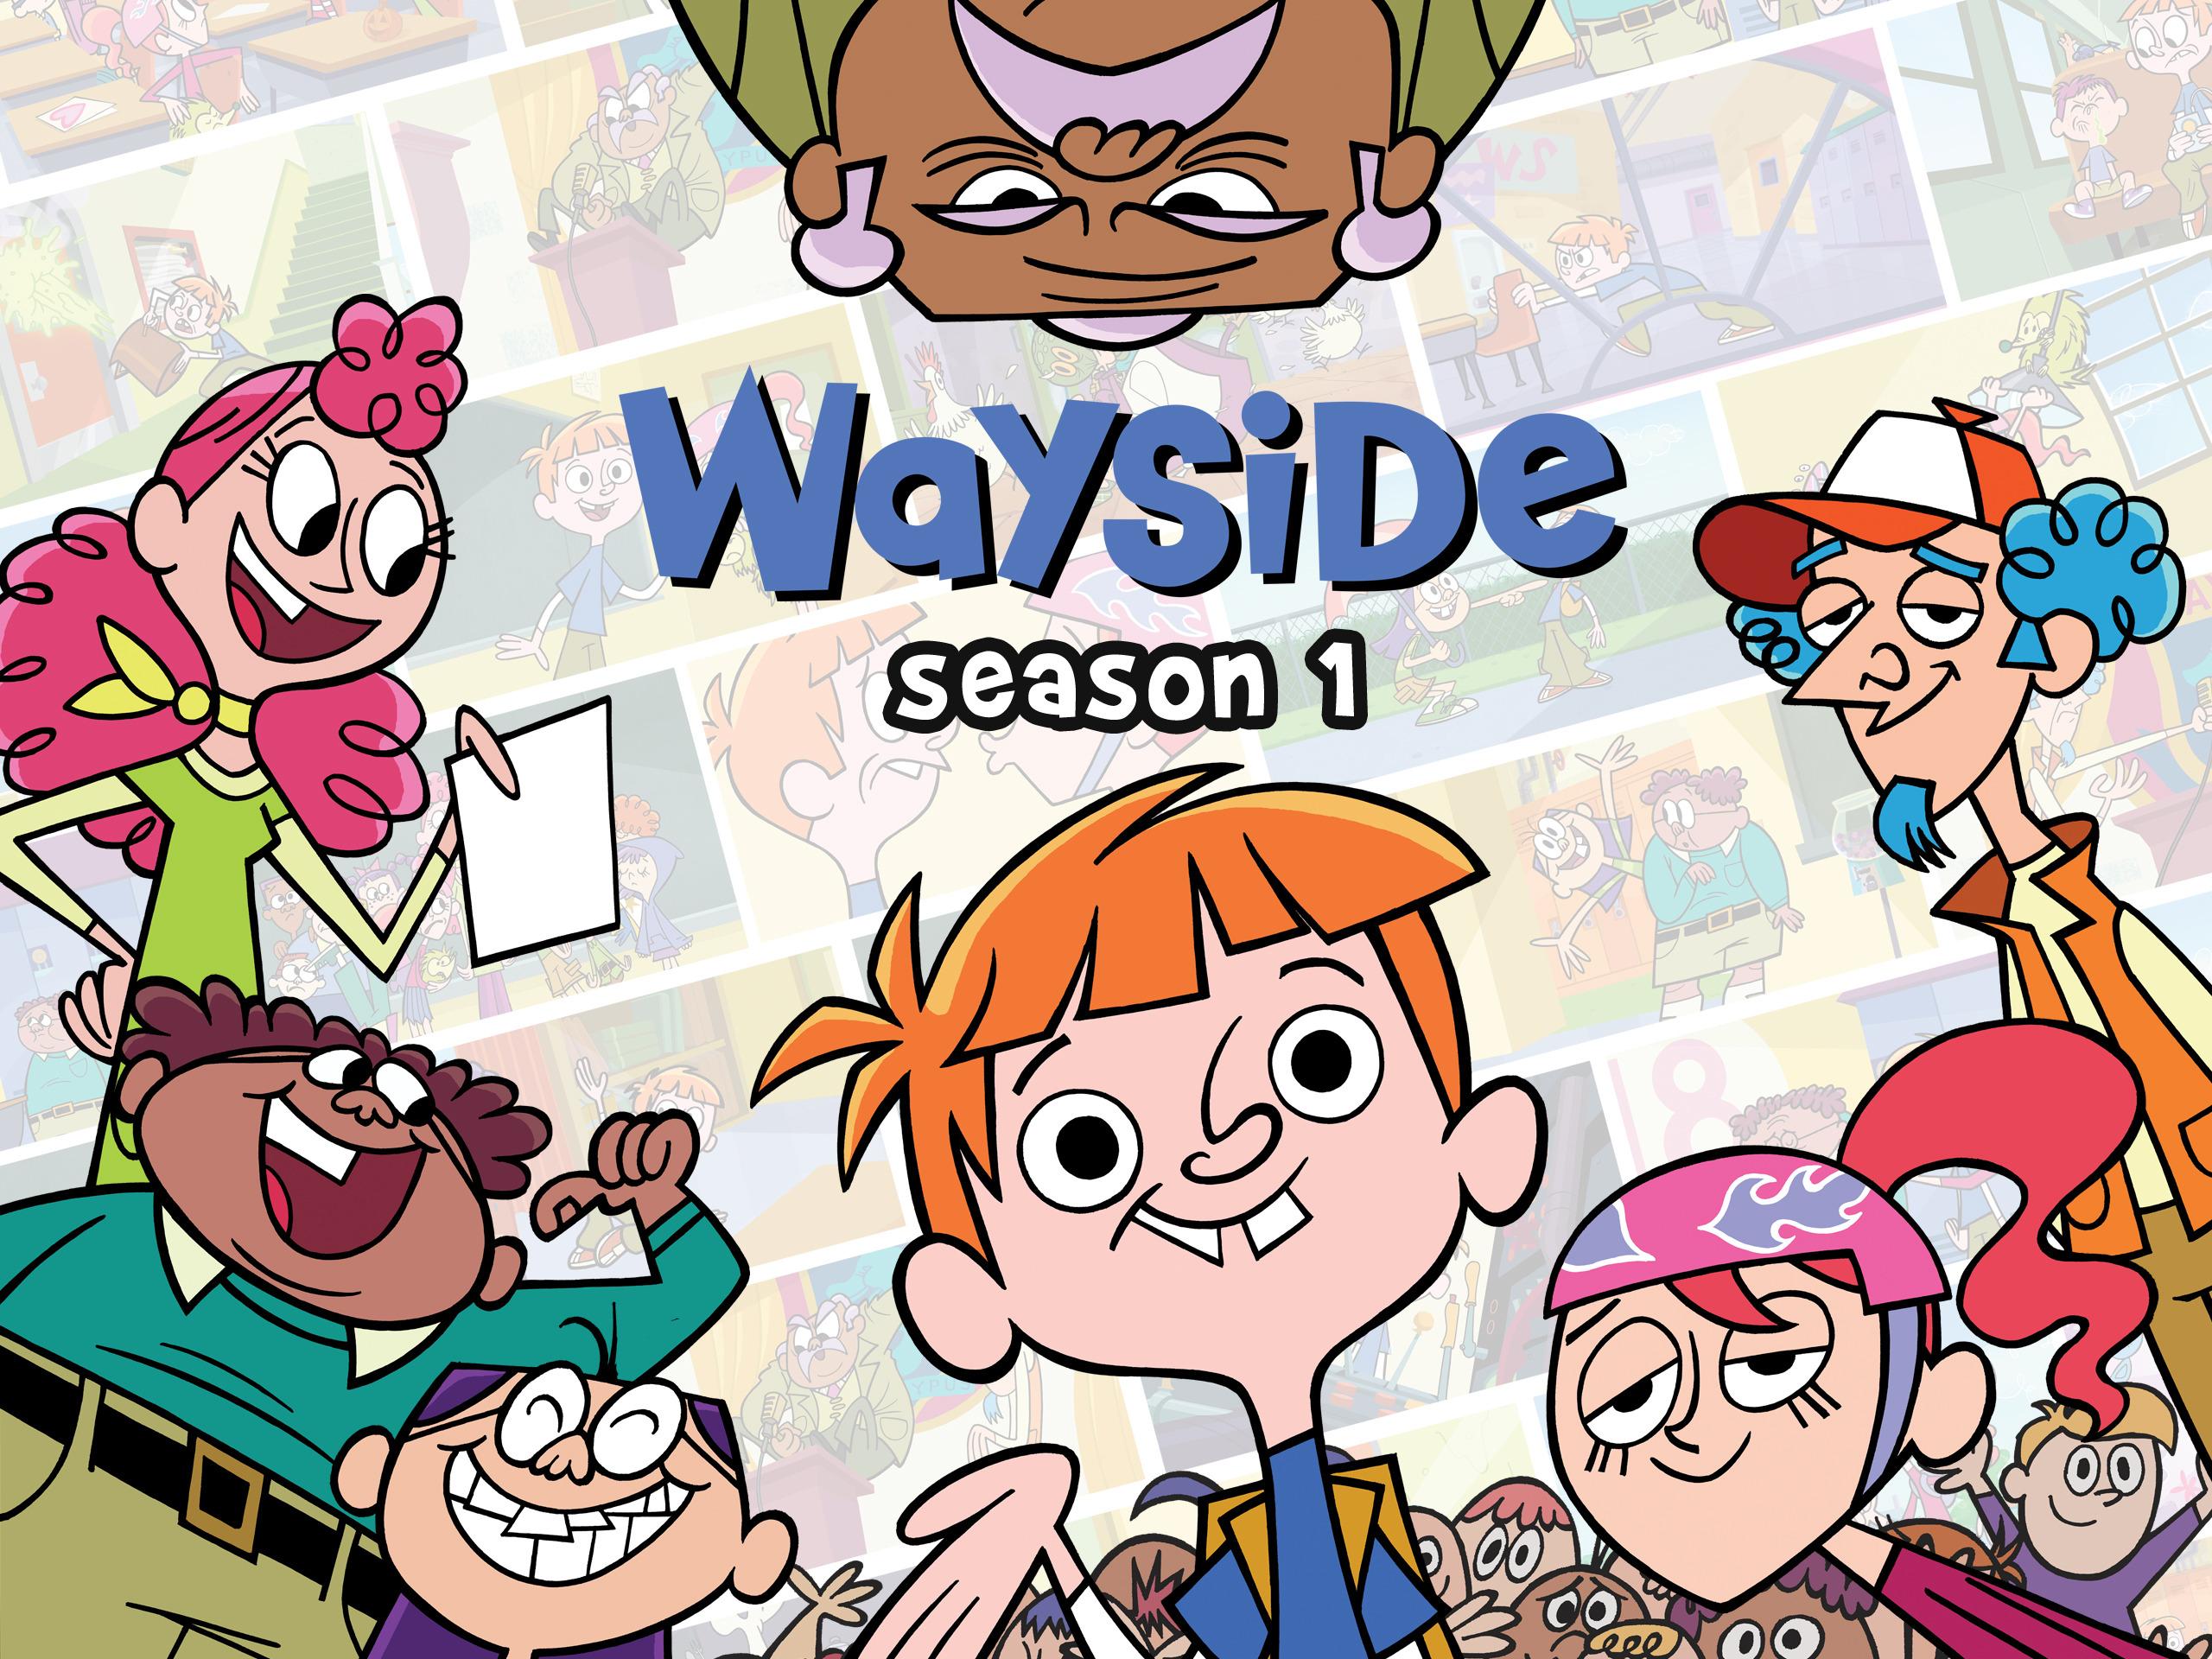 Wayside episodes